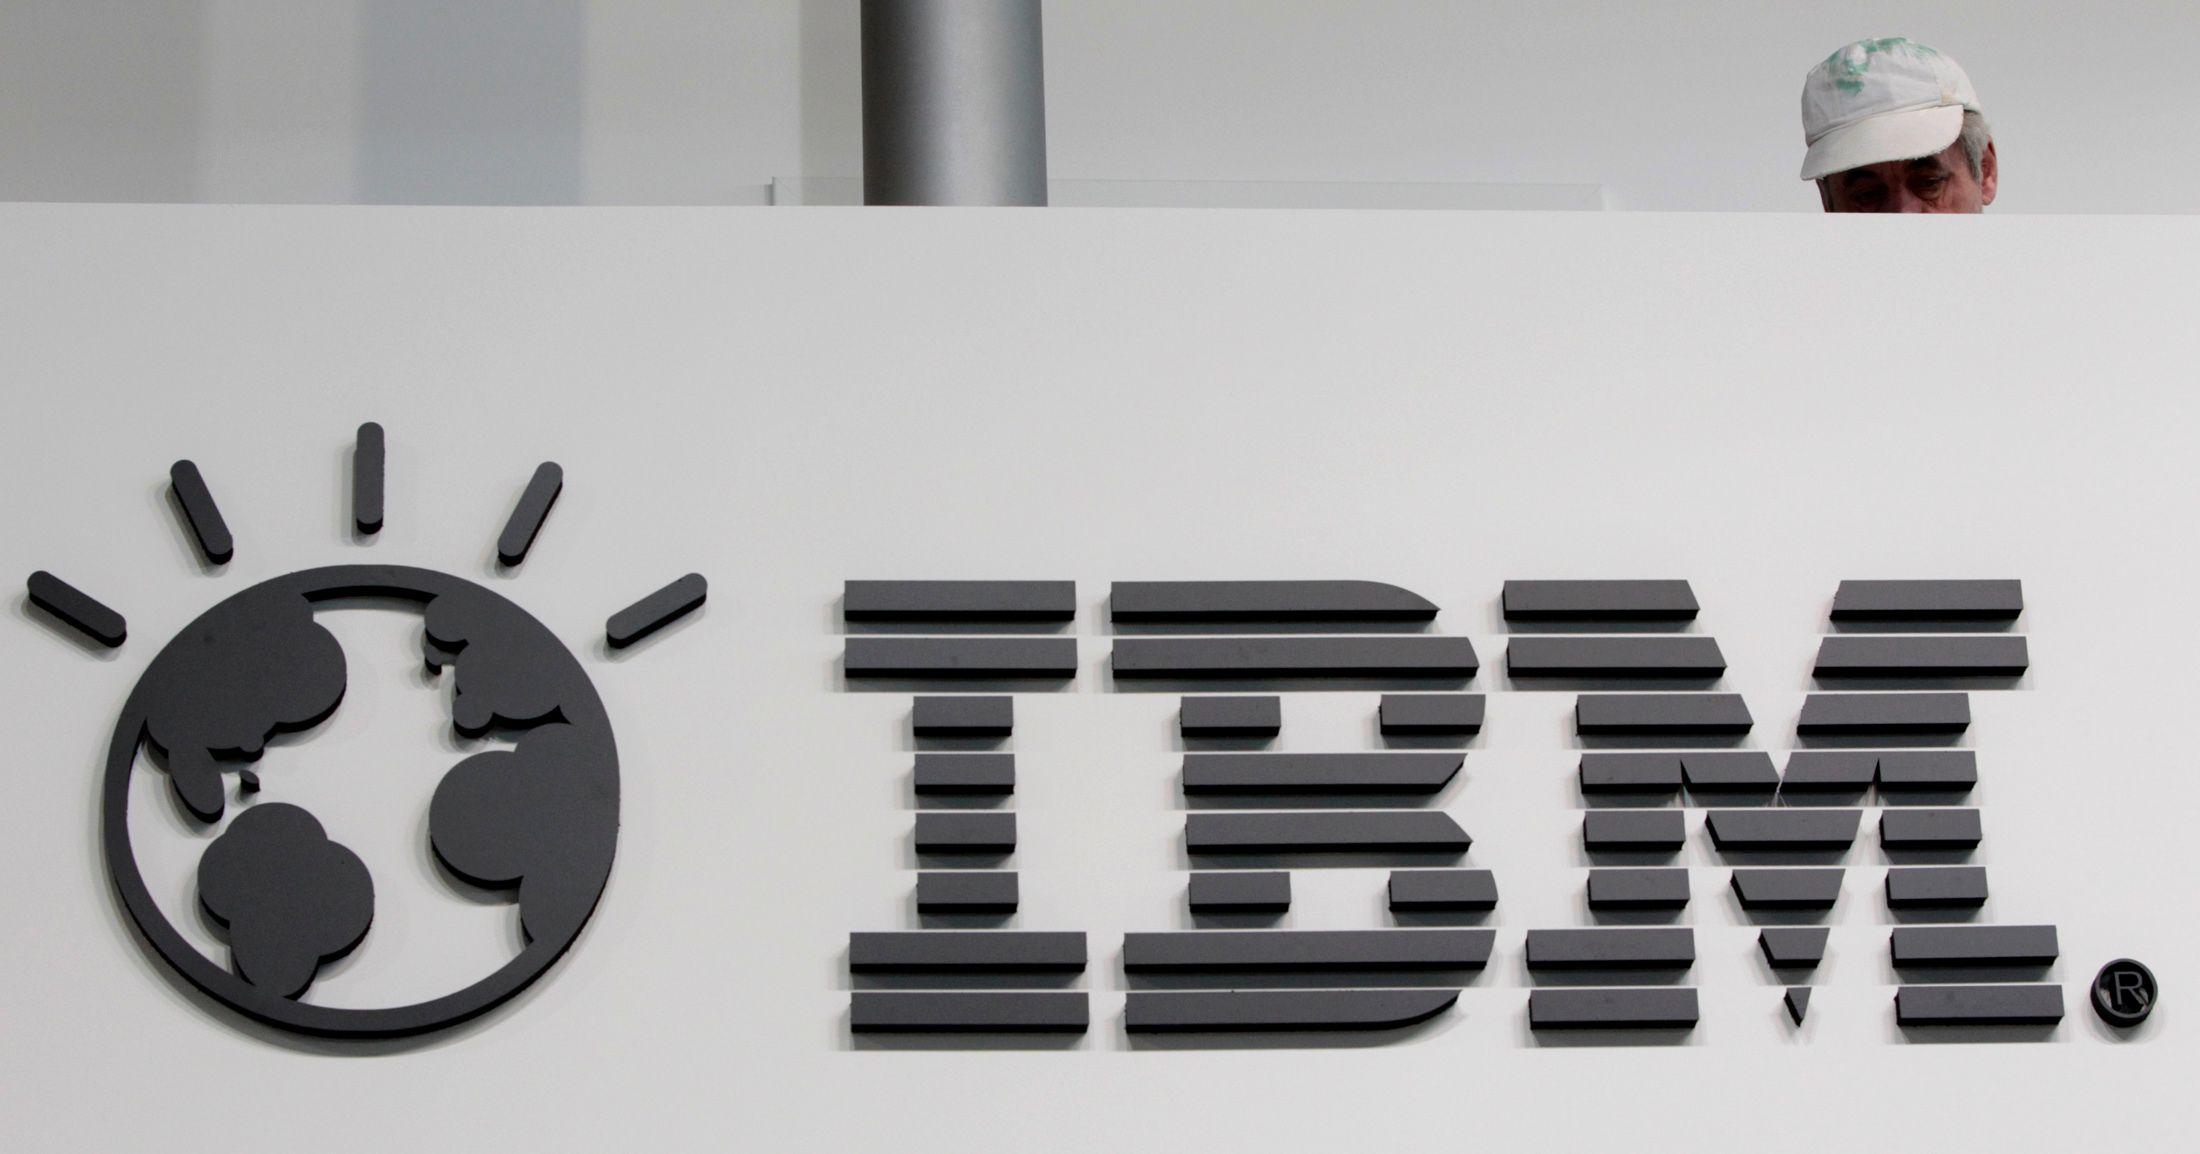 Stockage de données numériques sur mini supports : Sony et IBM battent tous les records